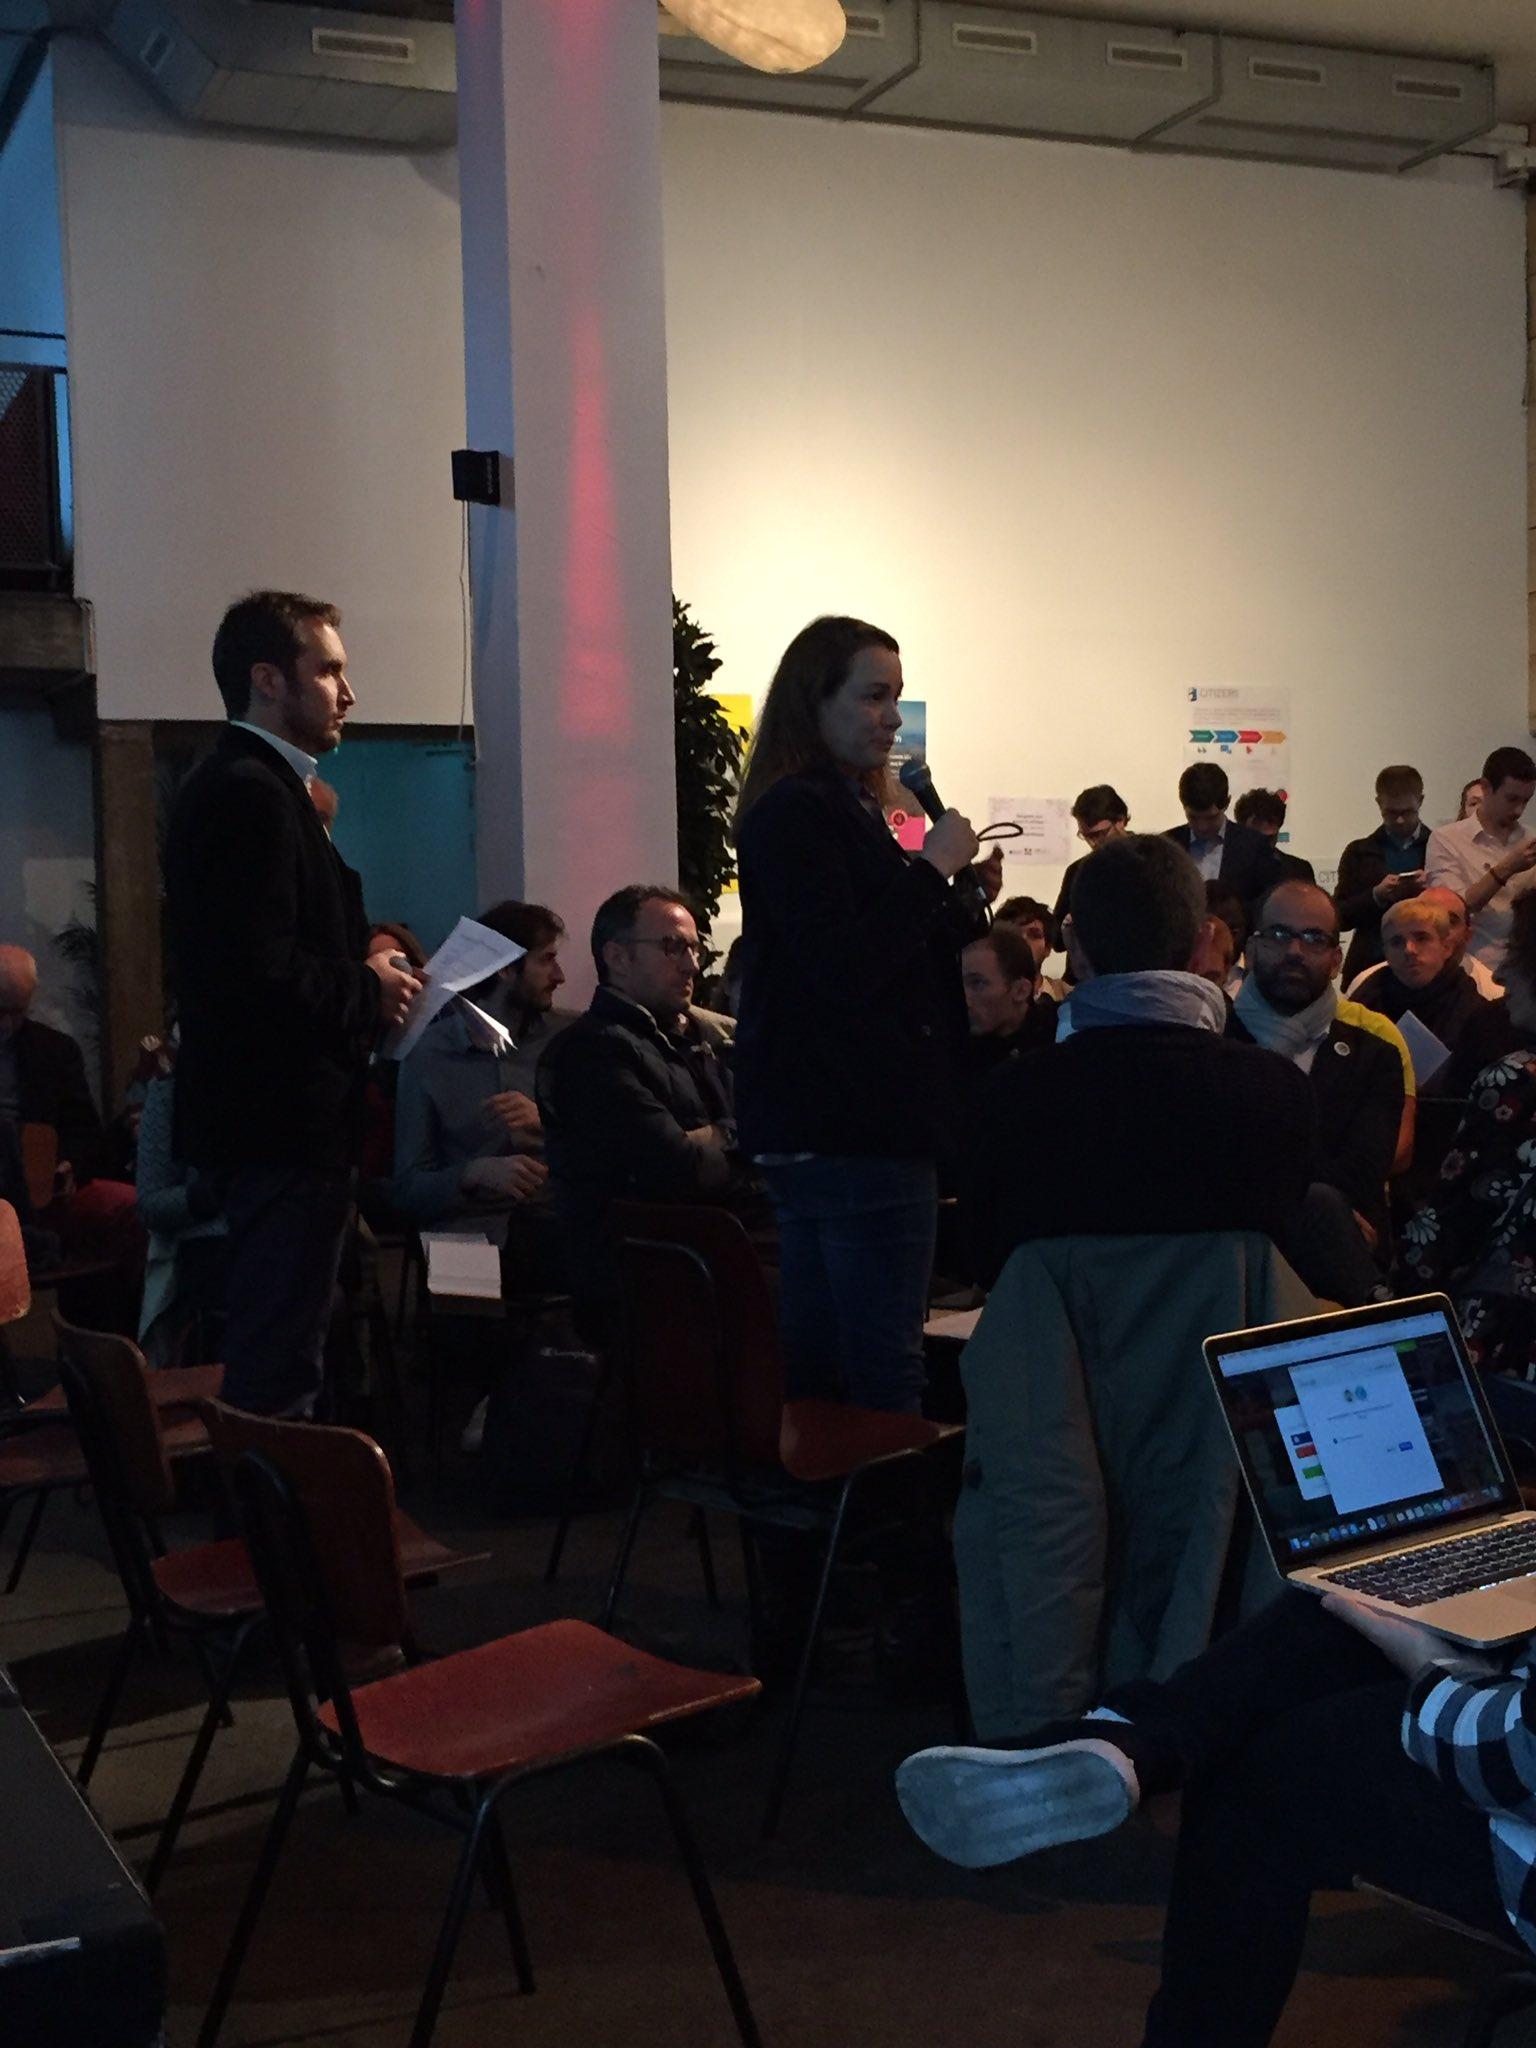 Intervention de @axellelemaire à #Geekspolitiques à @labellevilloise @armel_lecoz #numerique #civictech @OpenGovFr https://t.co/8zHAOVfQFL